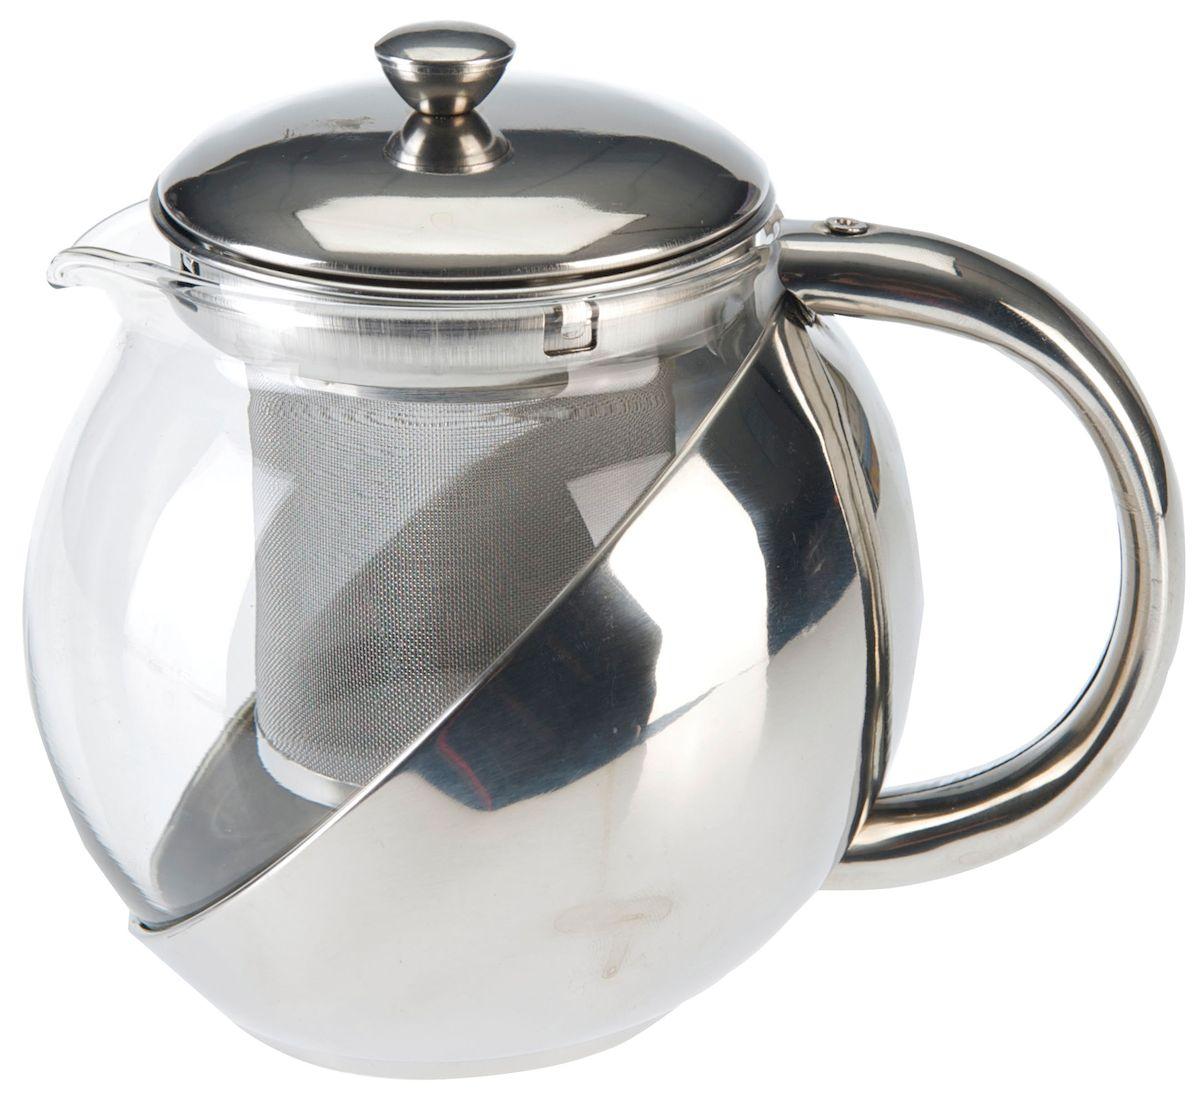 Чайник заварочный Axentia, с фильтром, 1,2 л223514Заварочный чайник Axentia, изготовленный из термостойкого стекла, предоставит вам все необходимые возможности для успешного заваривания чая. Чай в таком чайнике дольше остается горячим, а полезные и ароматические вещества полностью сохраняются в напитке. Чайник оснащен фильтром, выполненном из нержавеющей стали. Простой и удобный чайник поможет вам приготовить крепкий, ароматный чай. Нельзя мыть в посудомоечной машине. Не использовать в микроволновой печи. Диаметр чайника (по верхнему краю): 13 см. Высота чайника (без учета крышки): 15,5 см.